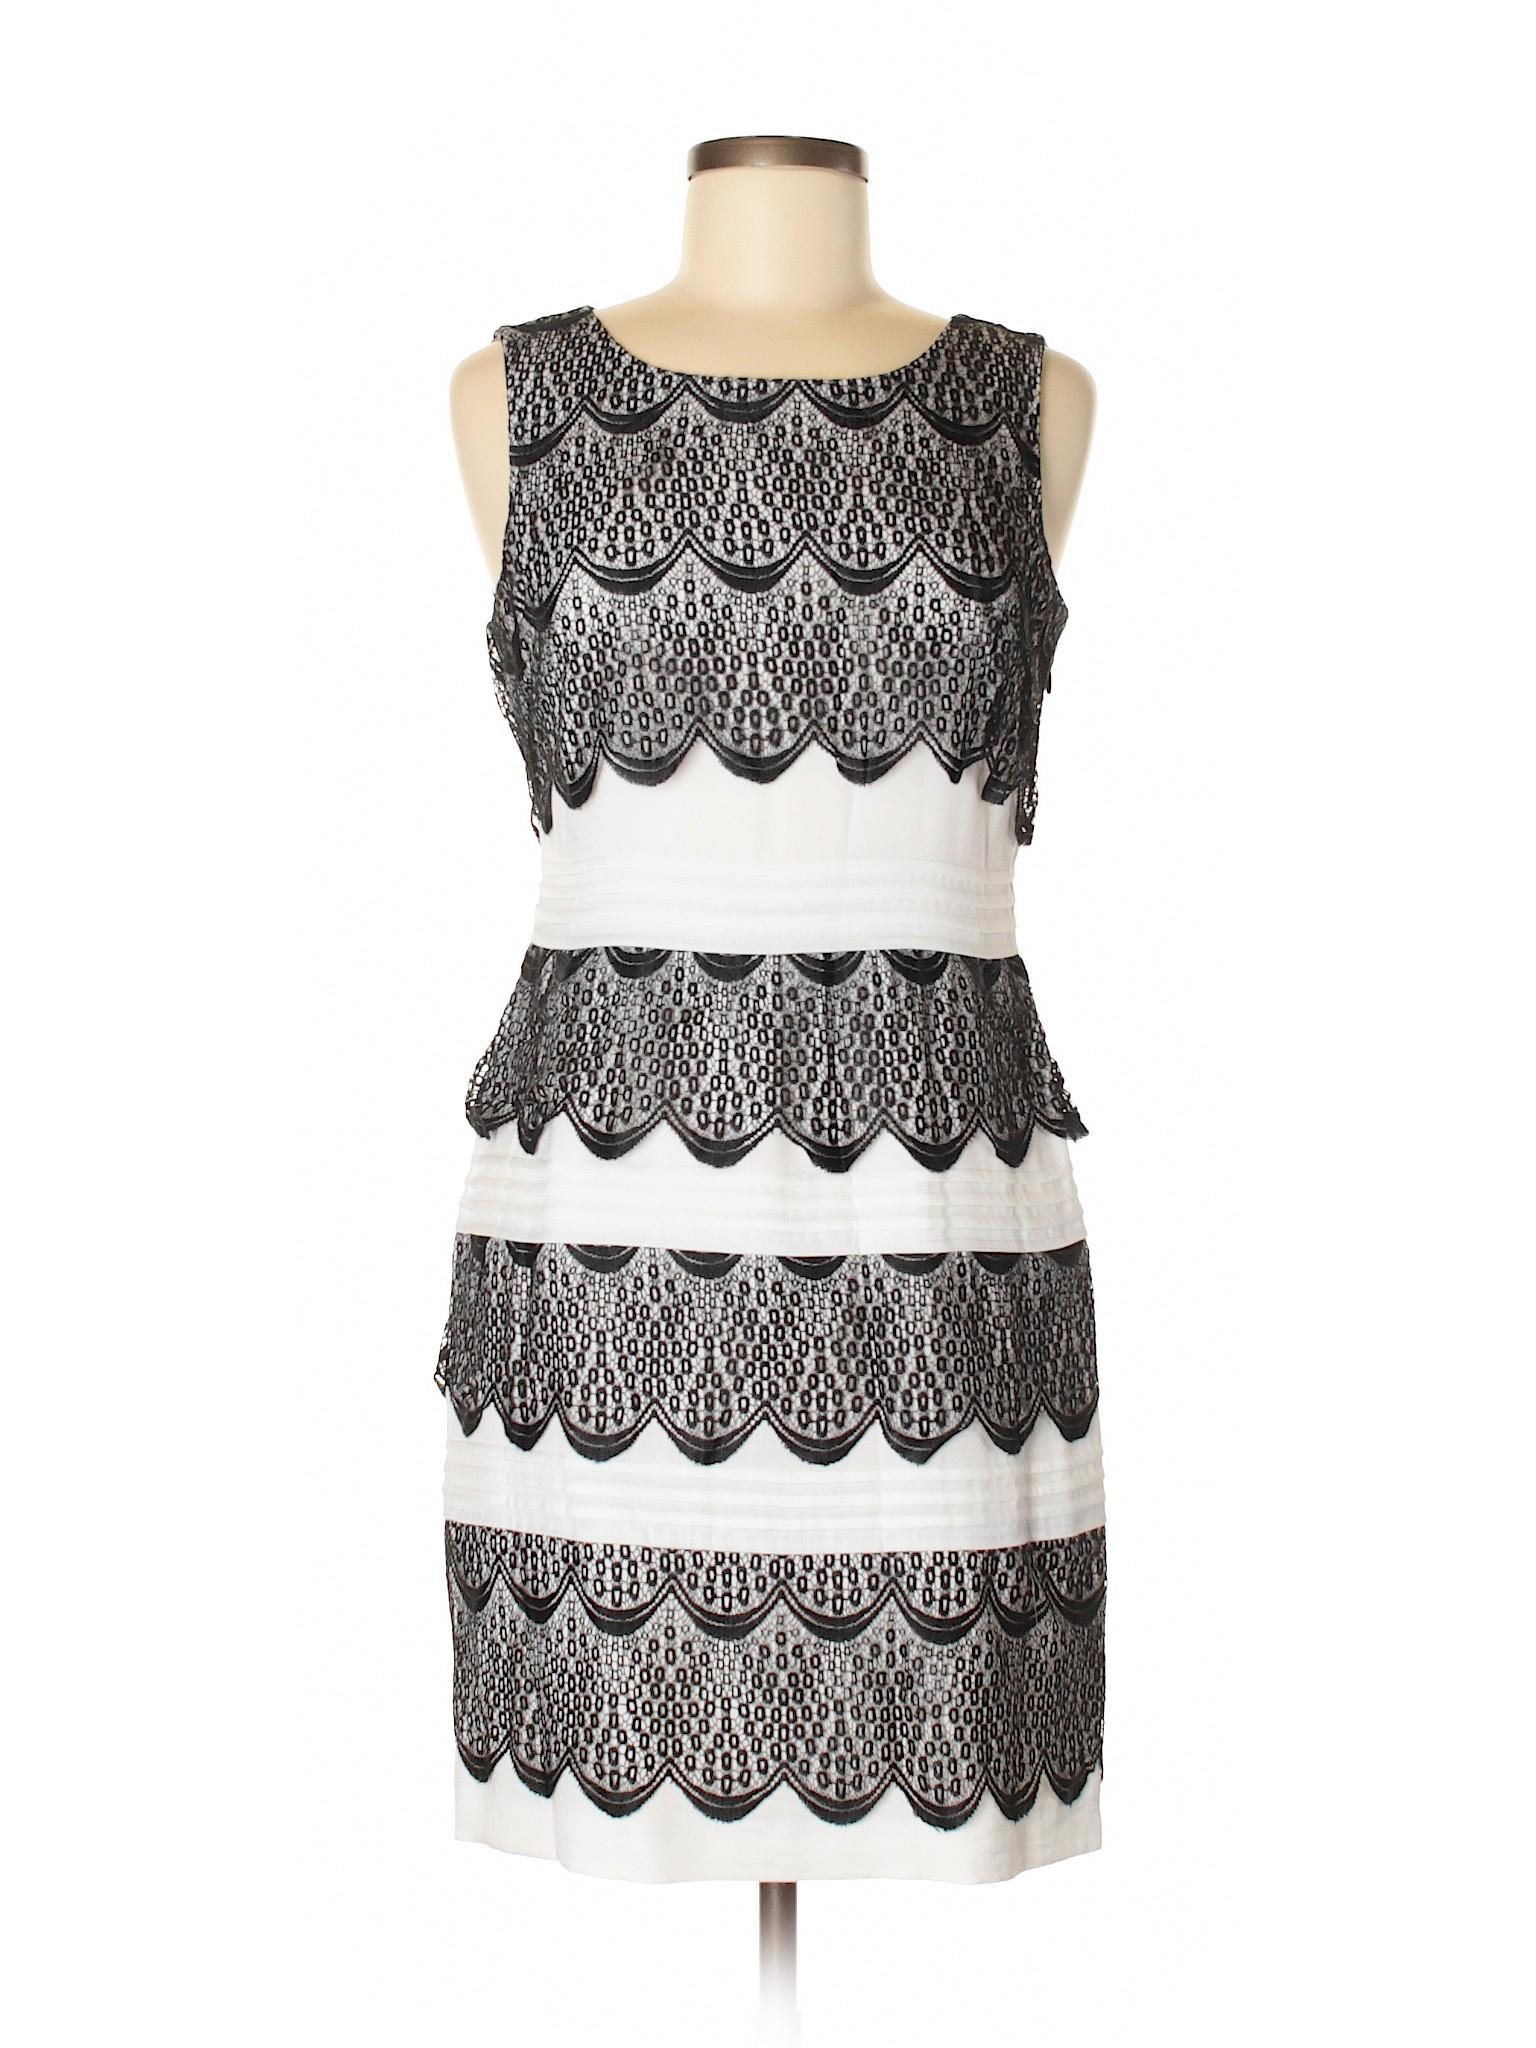 Boutique Dress Dress Boutique winter Casual BCBGMAXAZRIA Casual BCBGMAXAZRIA winter S1PqEO